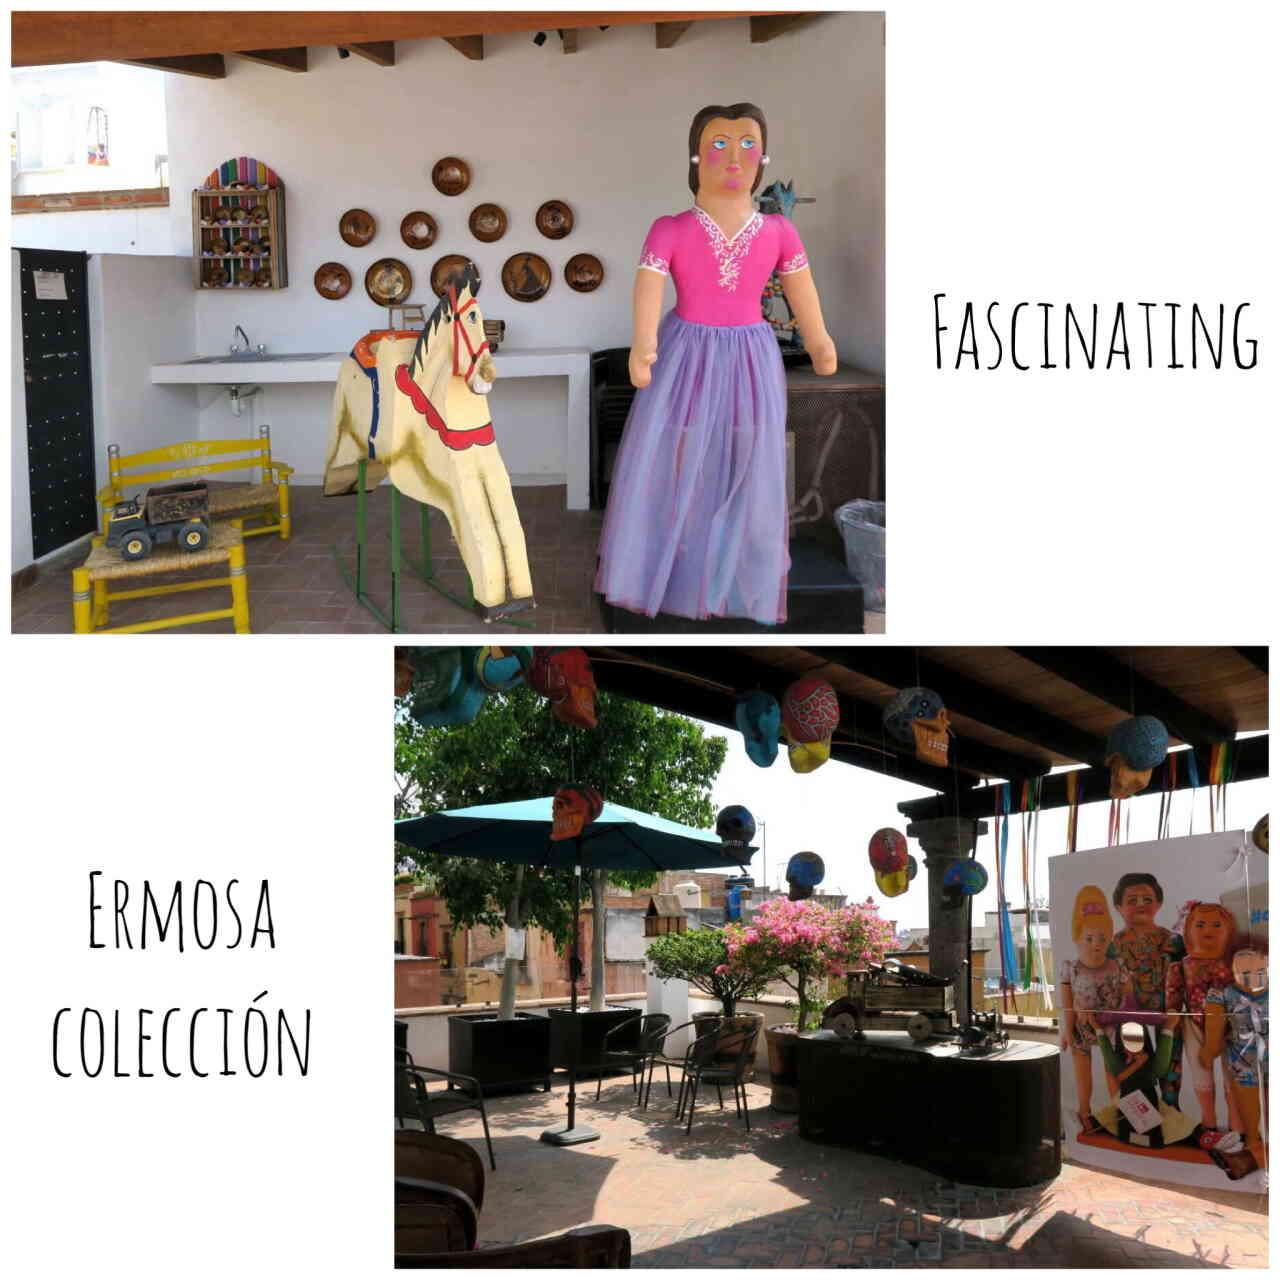 サンミゲル・デ・アジェンデおもちゃ博物館